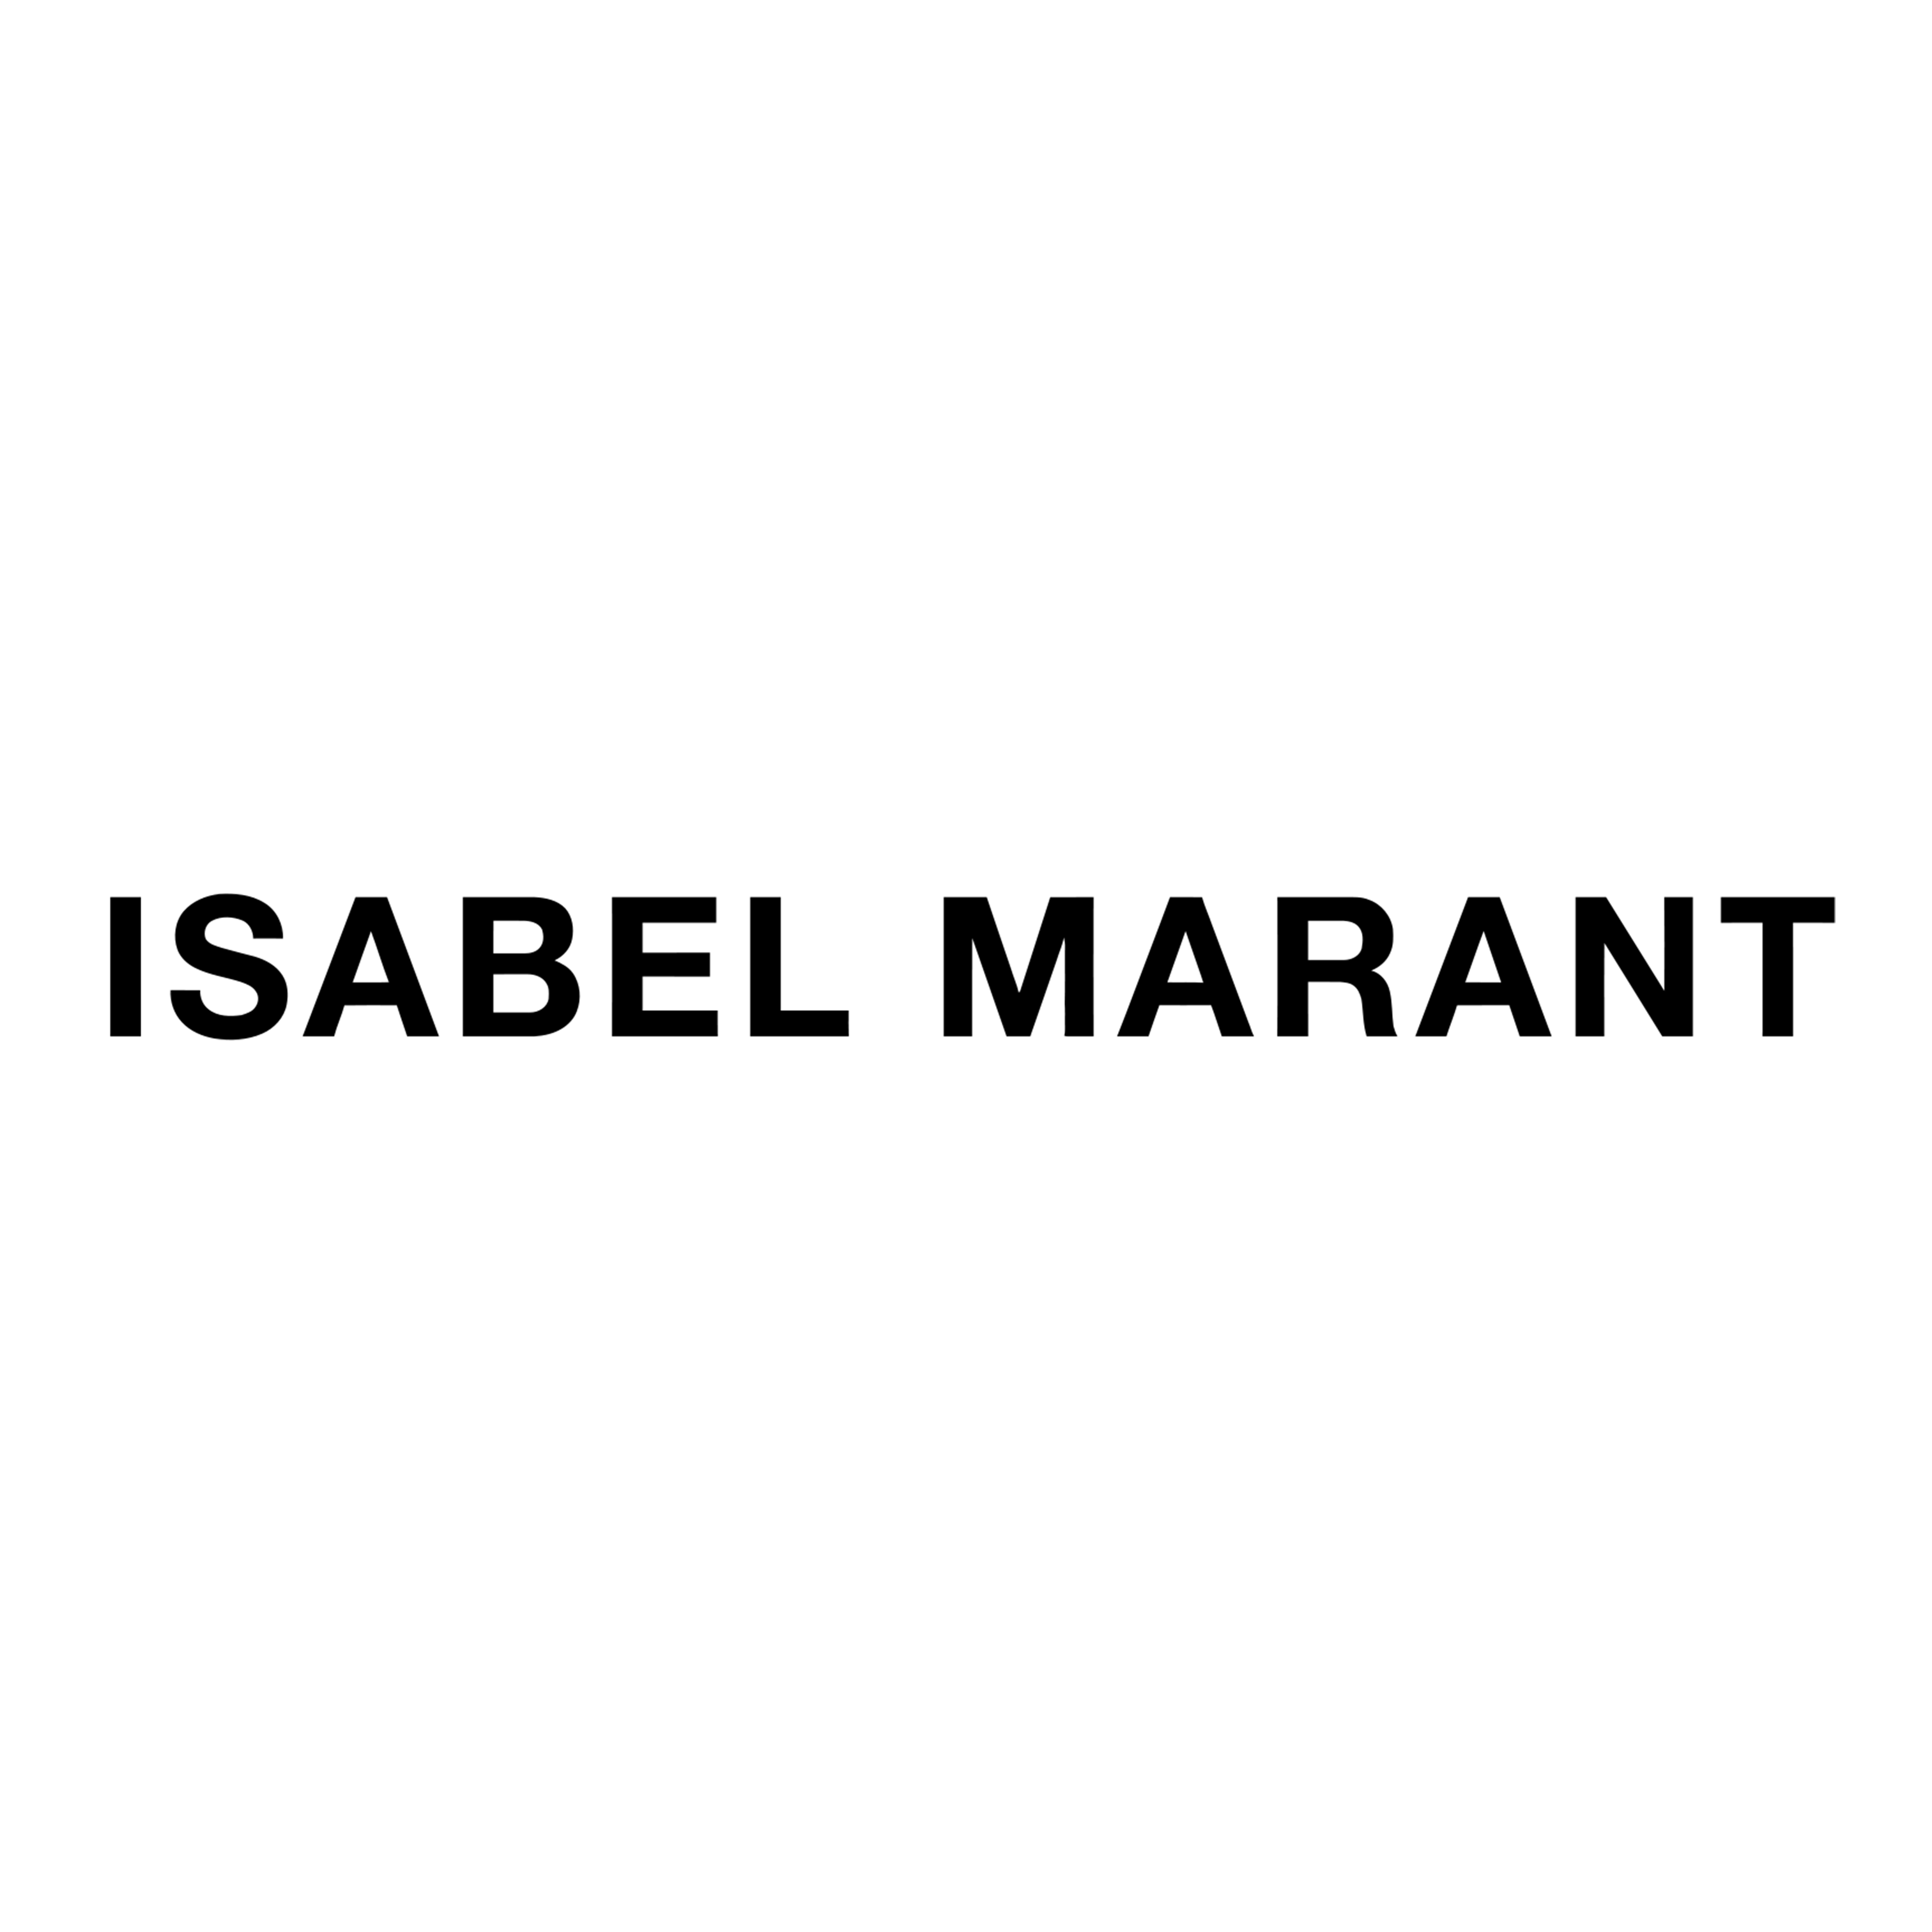 isabel-marant-logo-chine